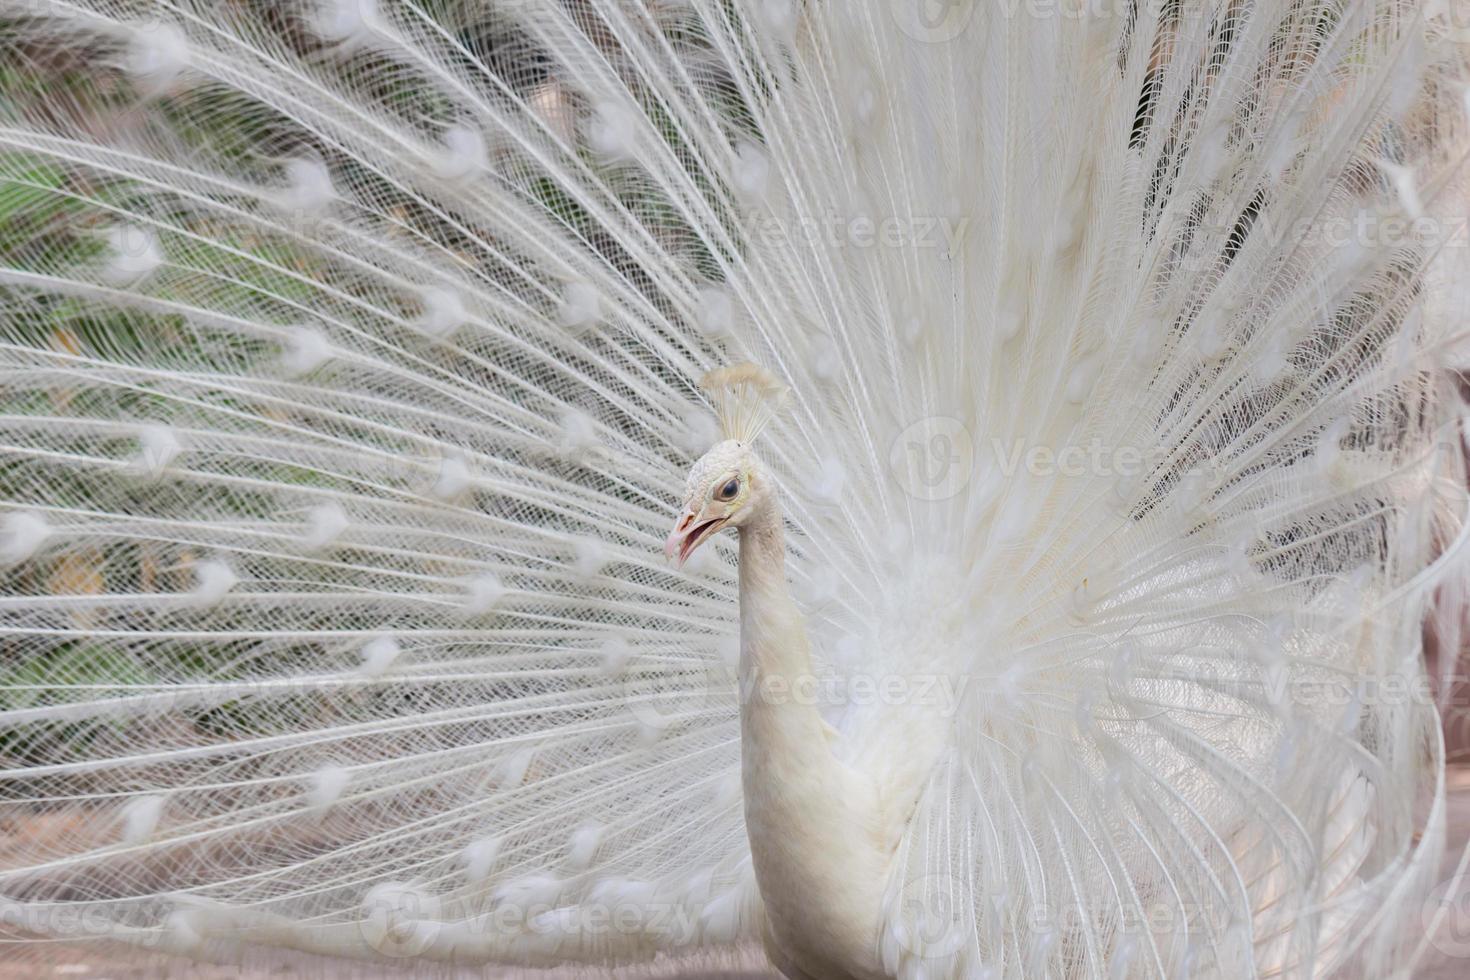 pavão branco com penas mostra vista lateral foto